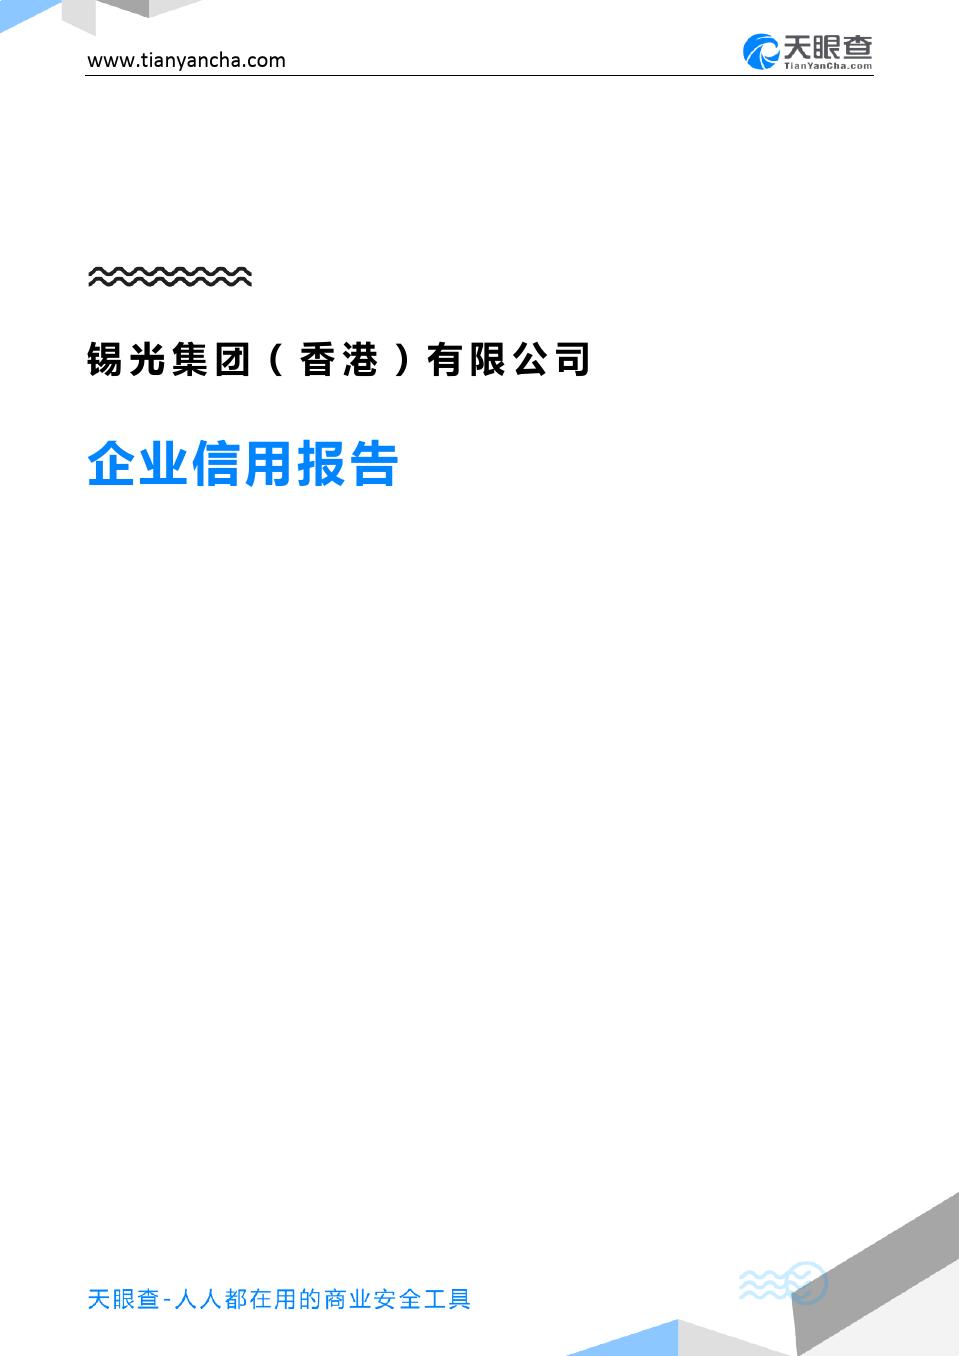 锡光集团(香港)有限公司企业信用报告-天眼查